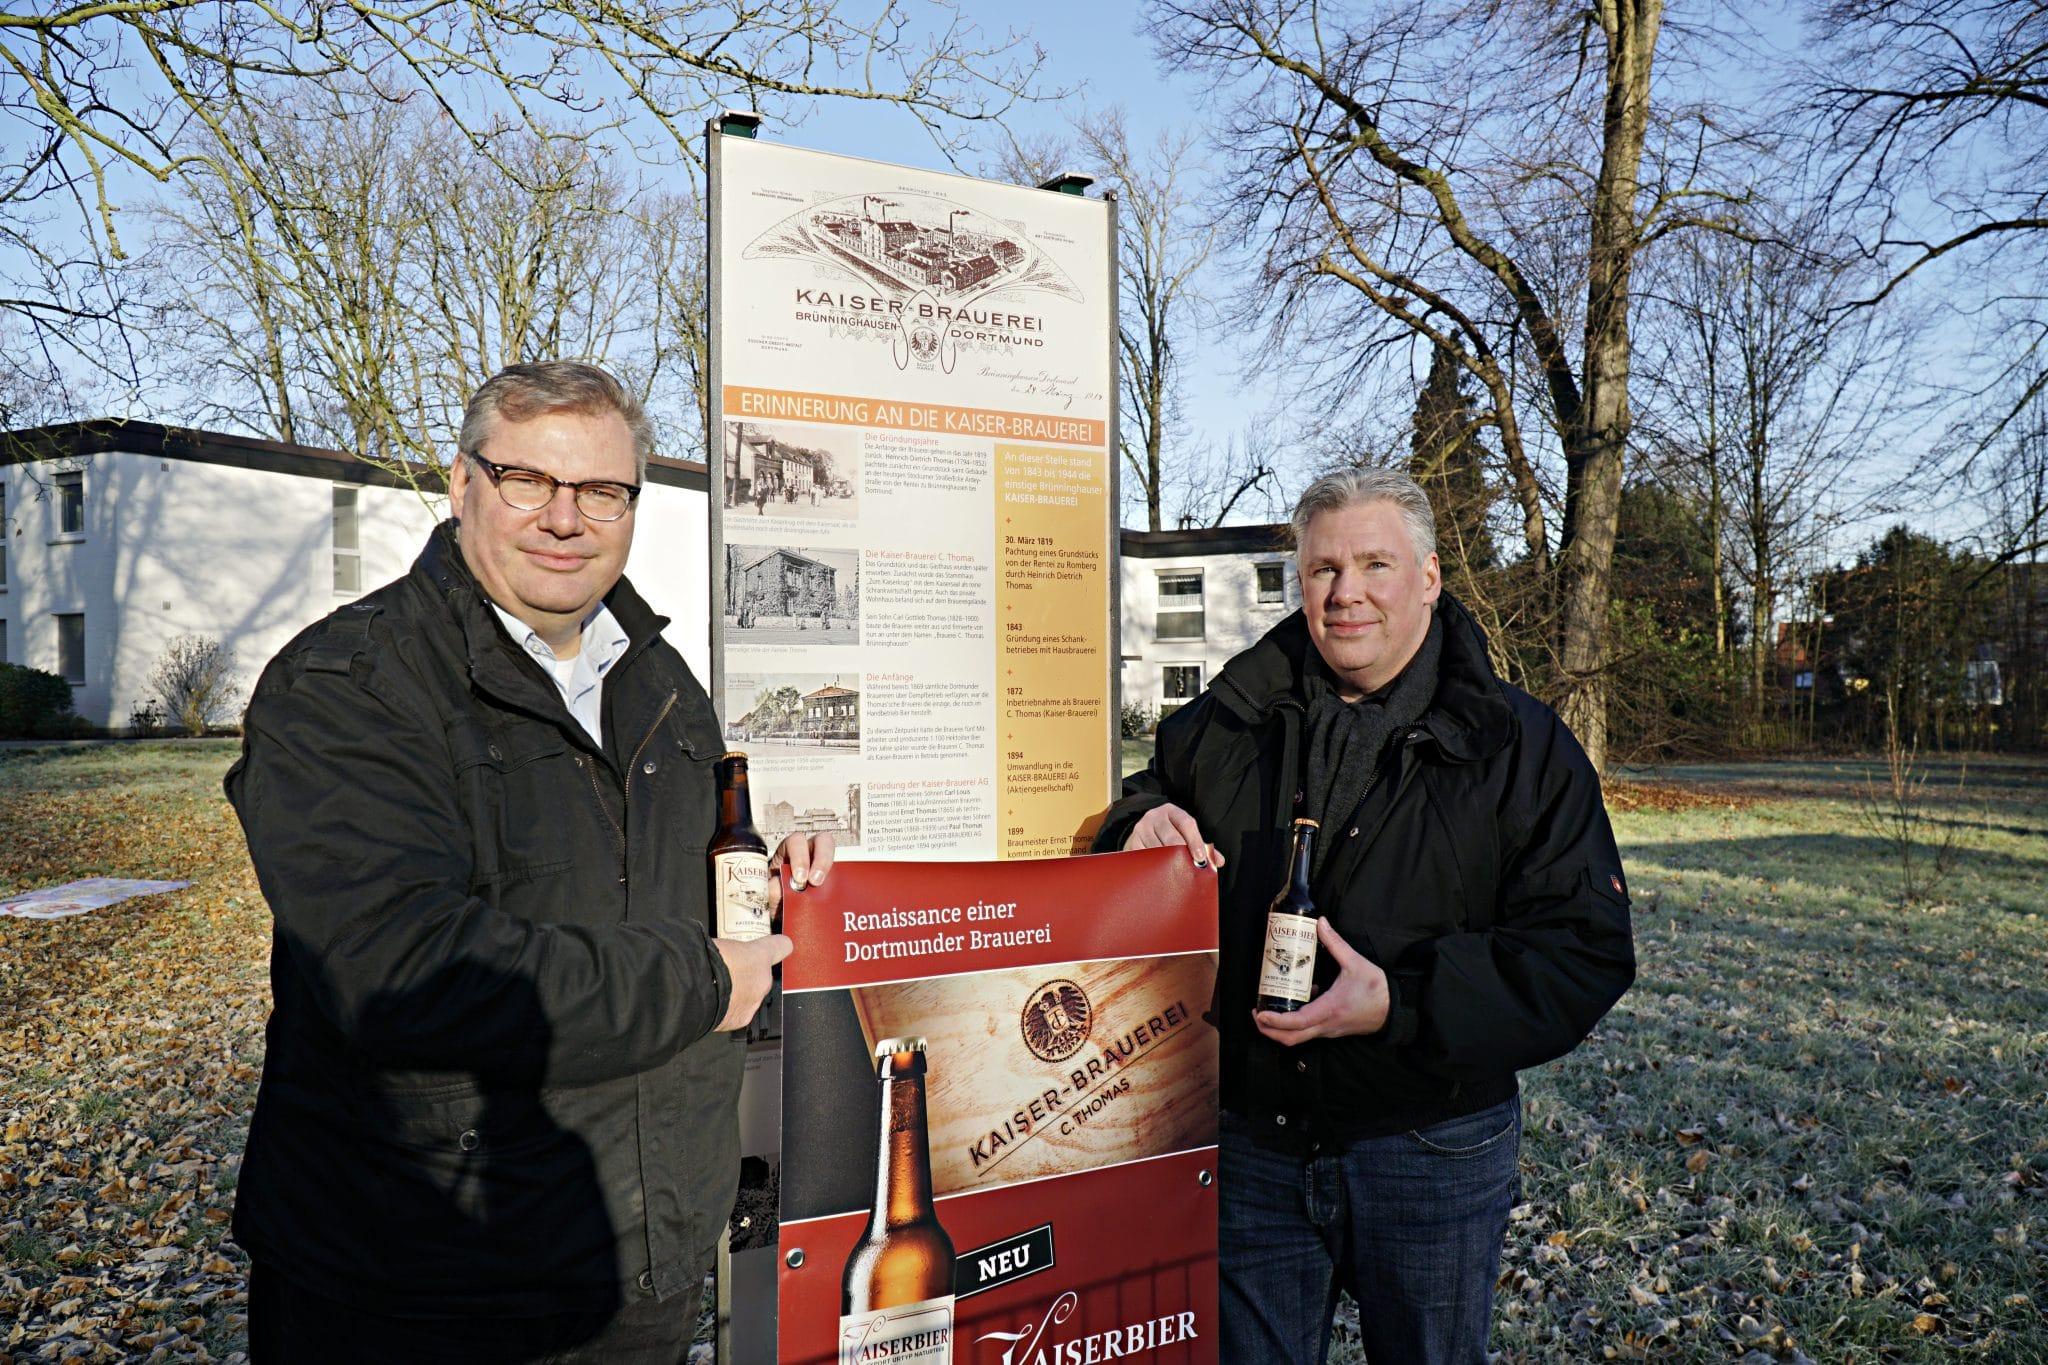 Ingo (l.) und Folker Hertelt (r.) sind die Nachfahren der Brauer-Familie Thomas. (Foto: IN-StadtMagazine)